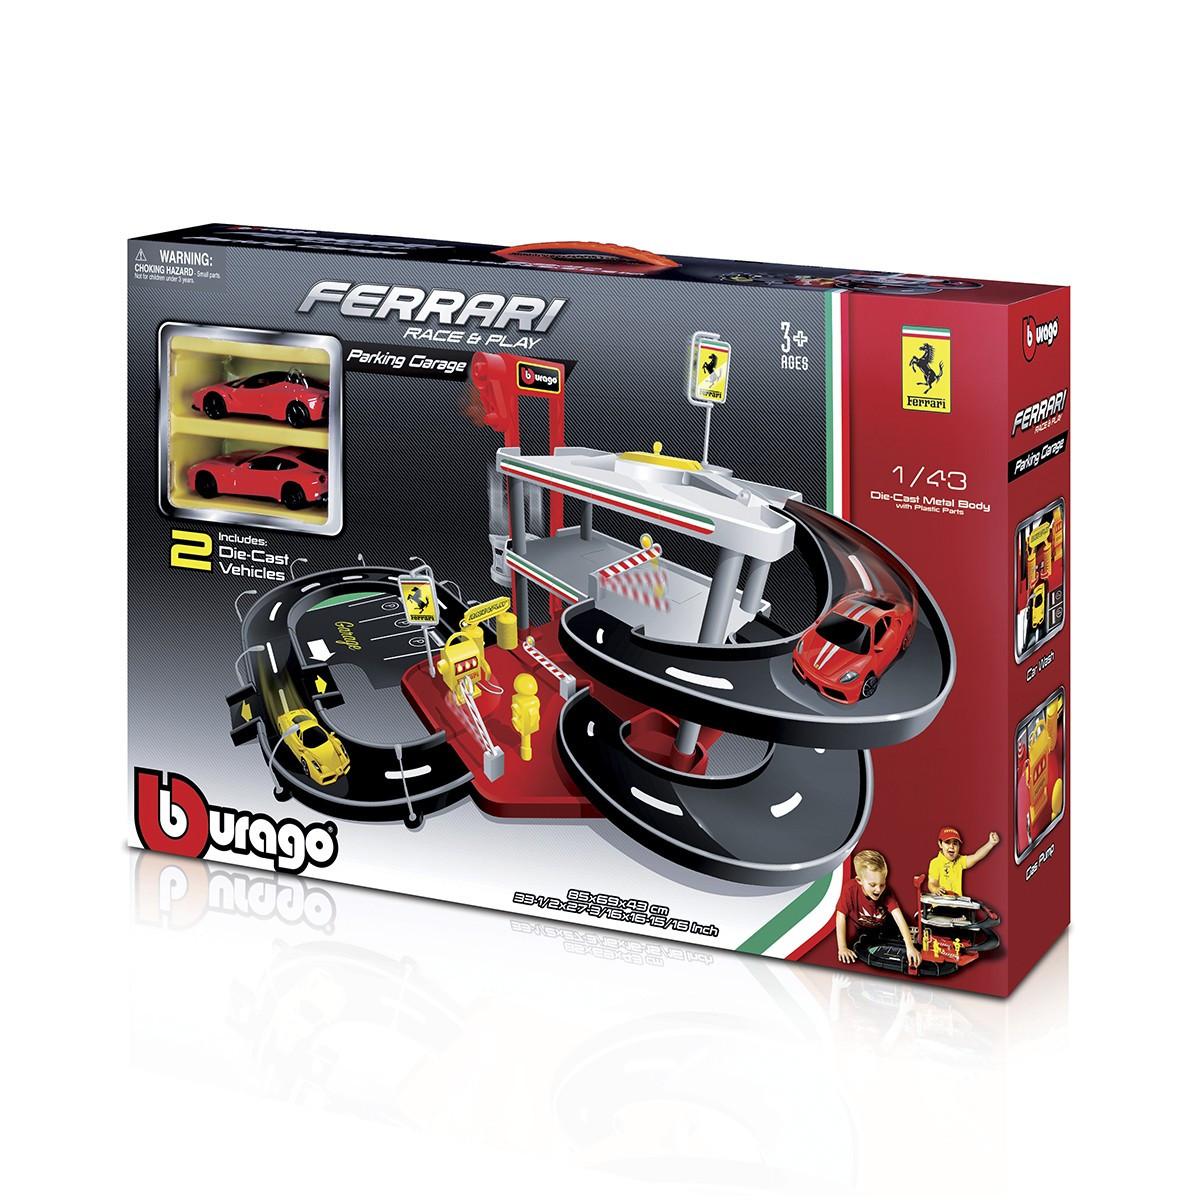 Ігровий Набір - Гараж Ferrari 3 Рівня, 2 машинки (1:43), Bburago